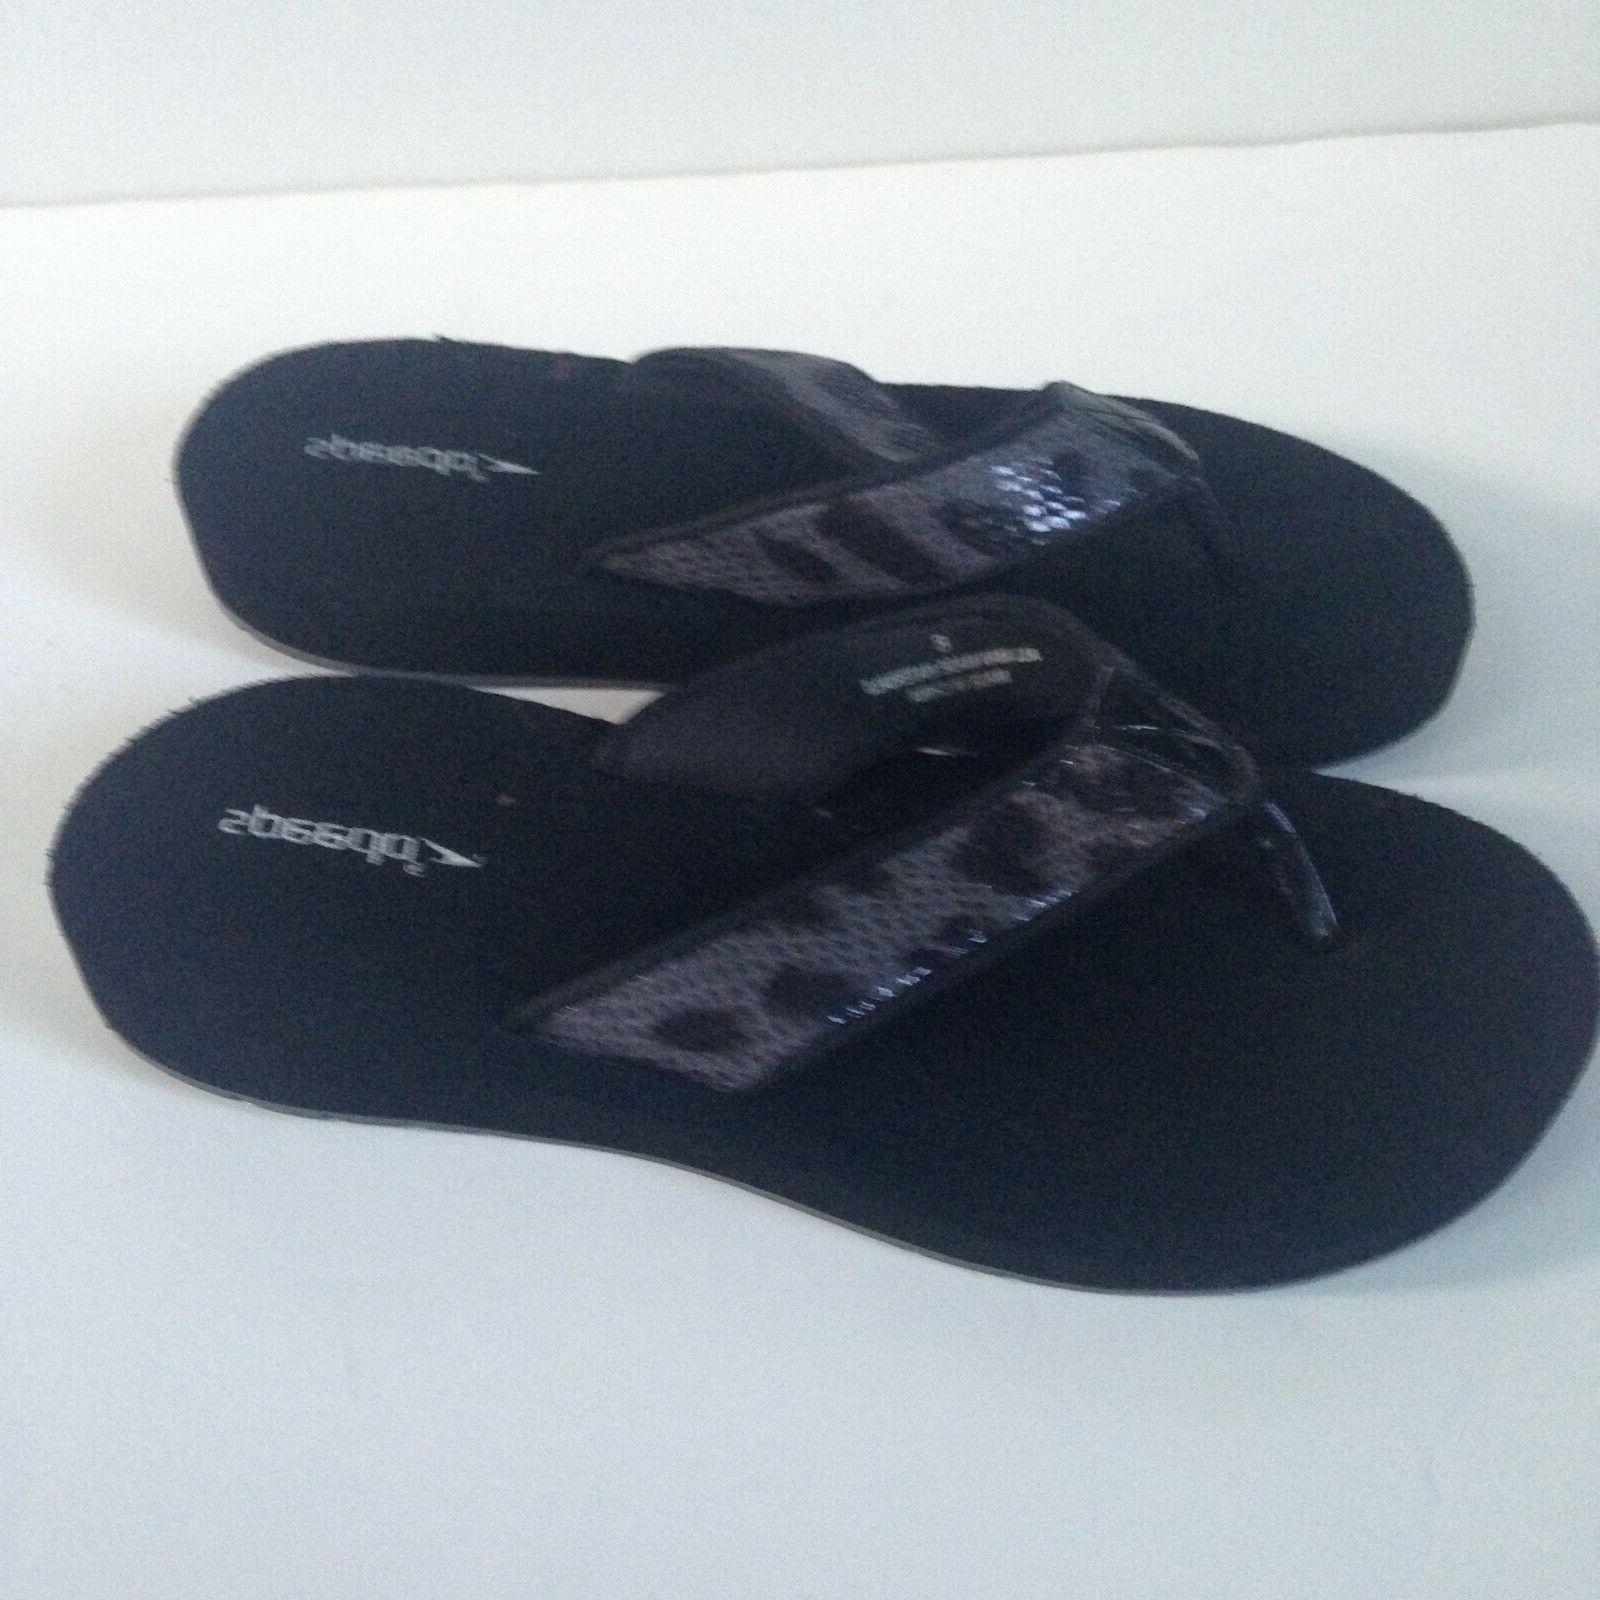 NEW! Women's 8 Gray Black Faux Rubber Sole